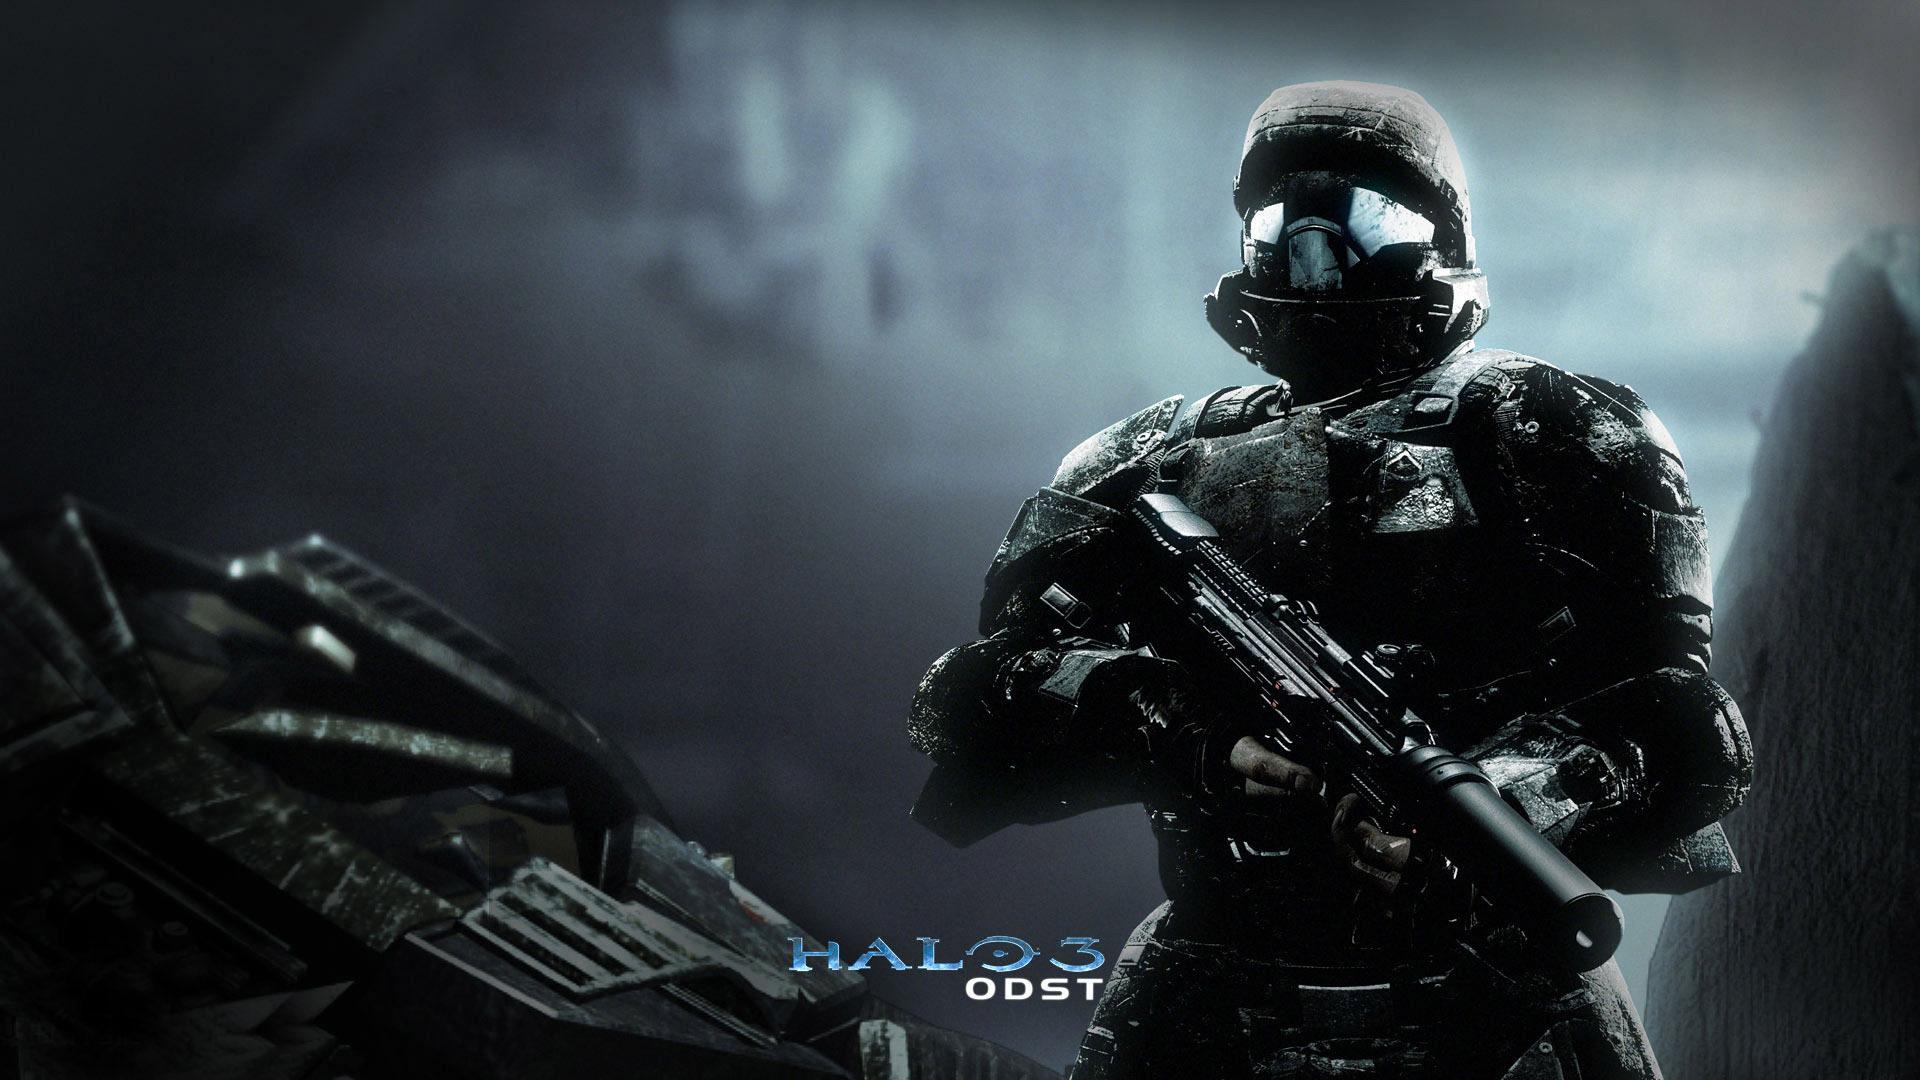 Soldier Dark Halo 3 ODST Video Game Wallpaper